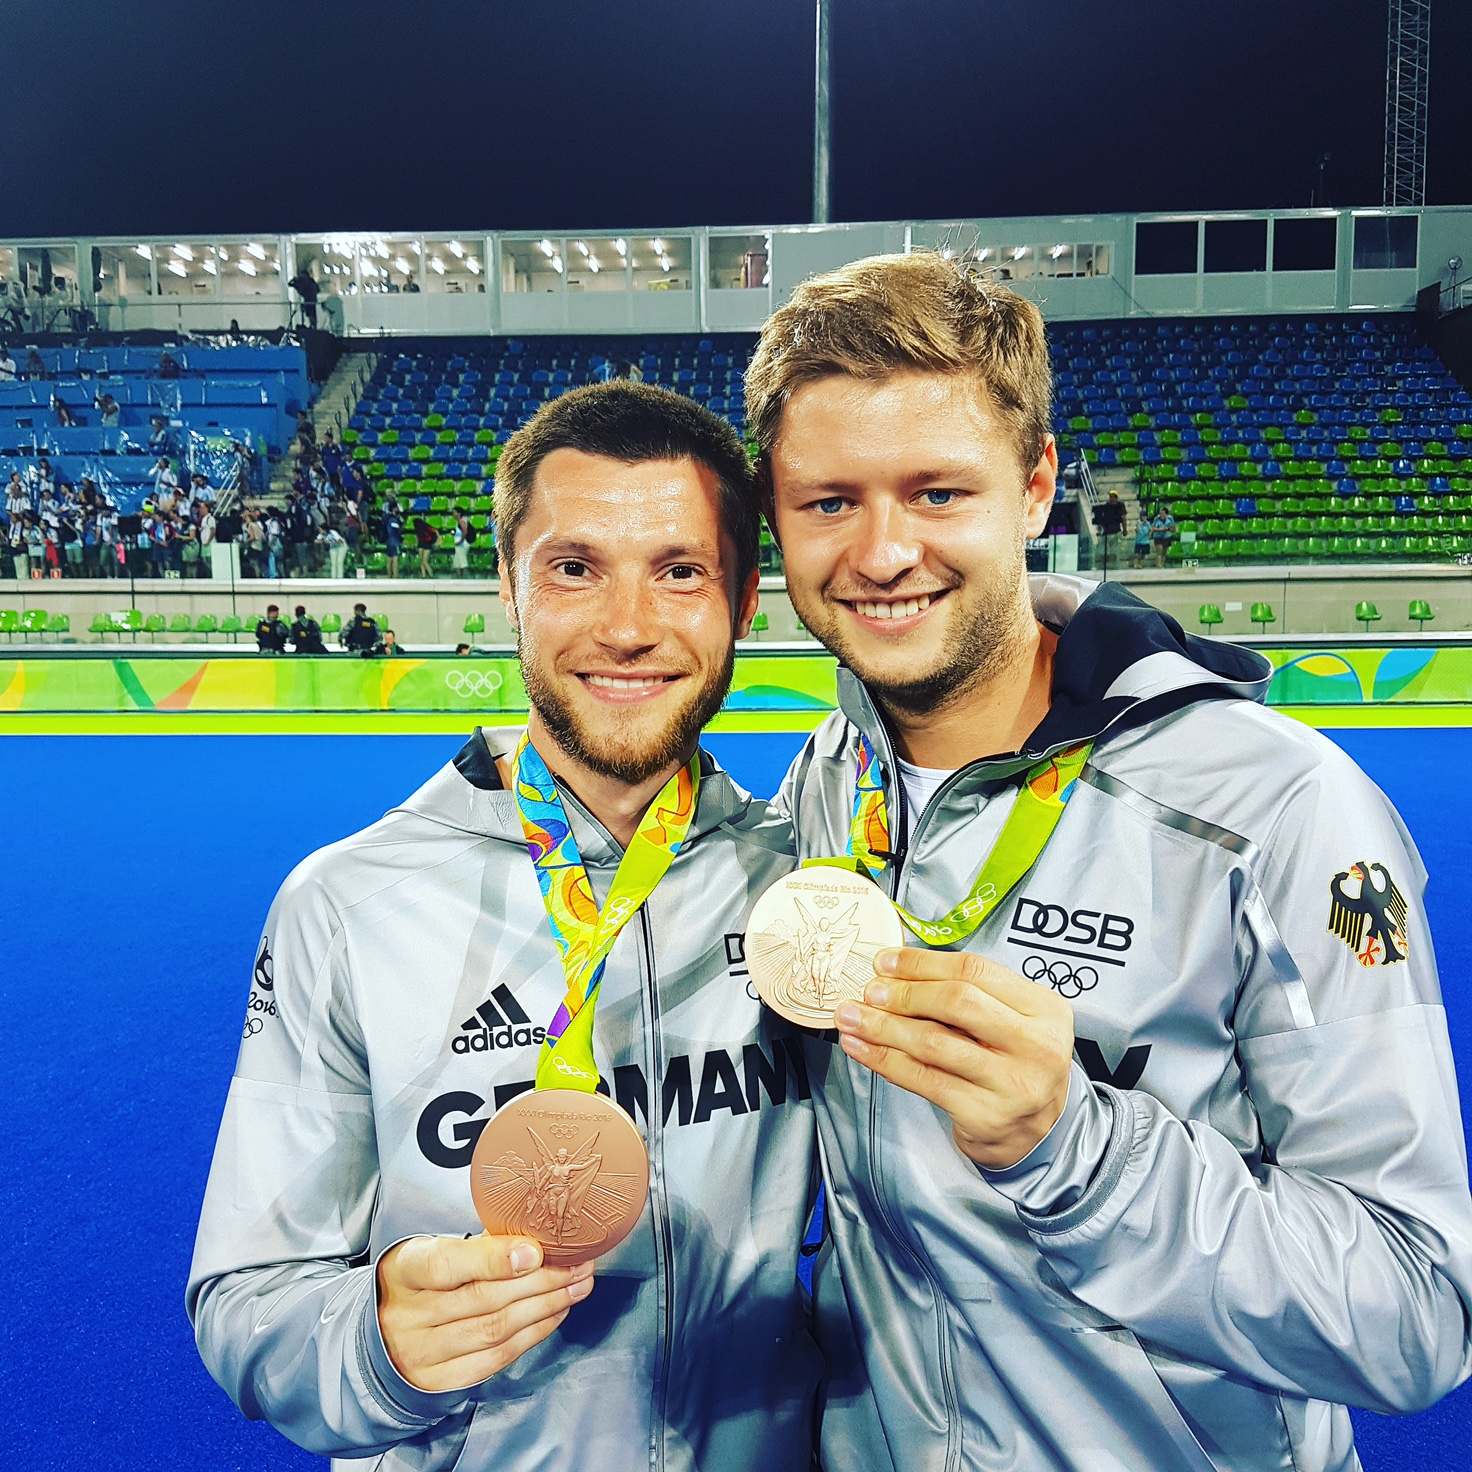 Herzlichen Glückwunsch zur Bronzemedaille!